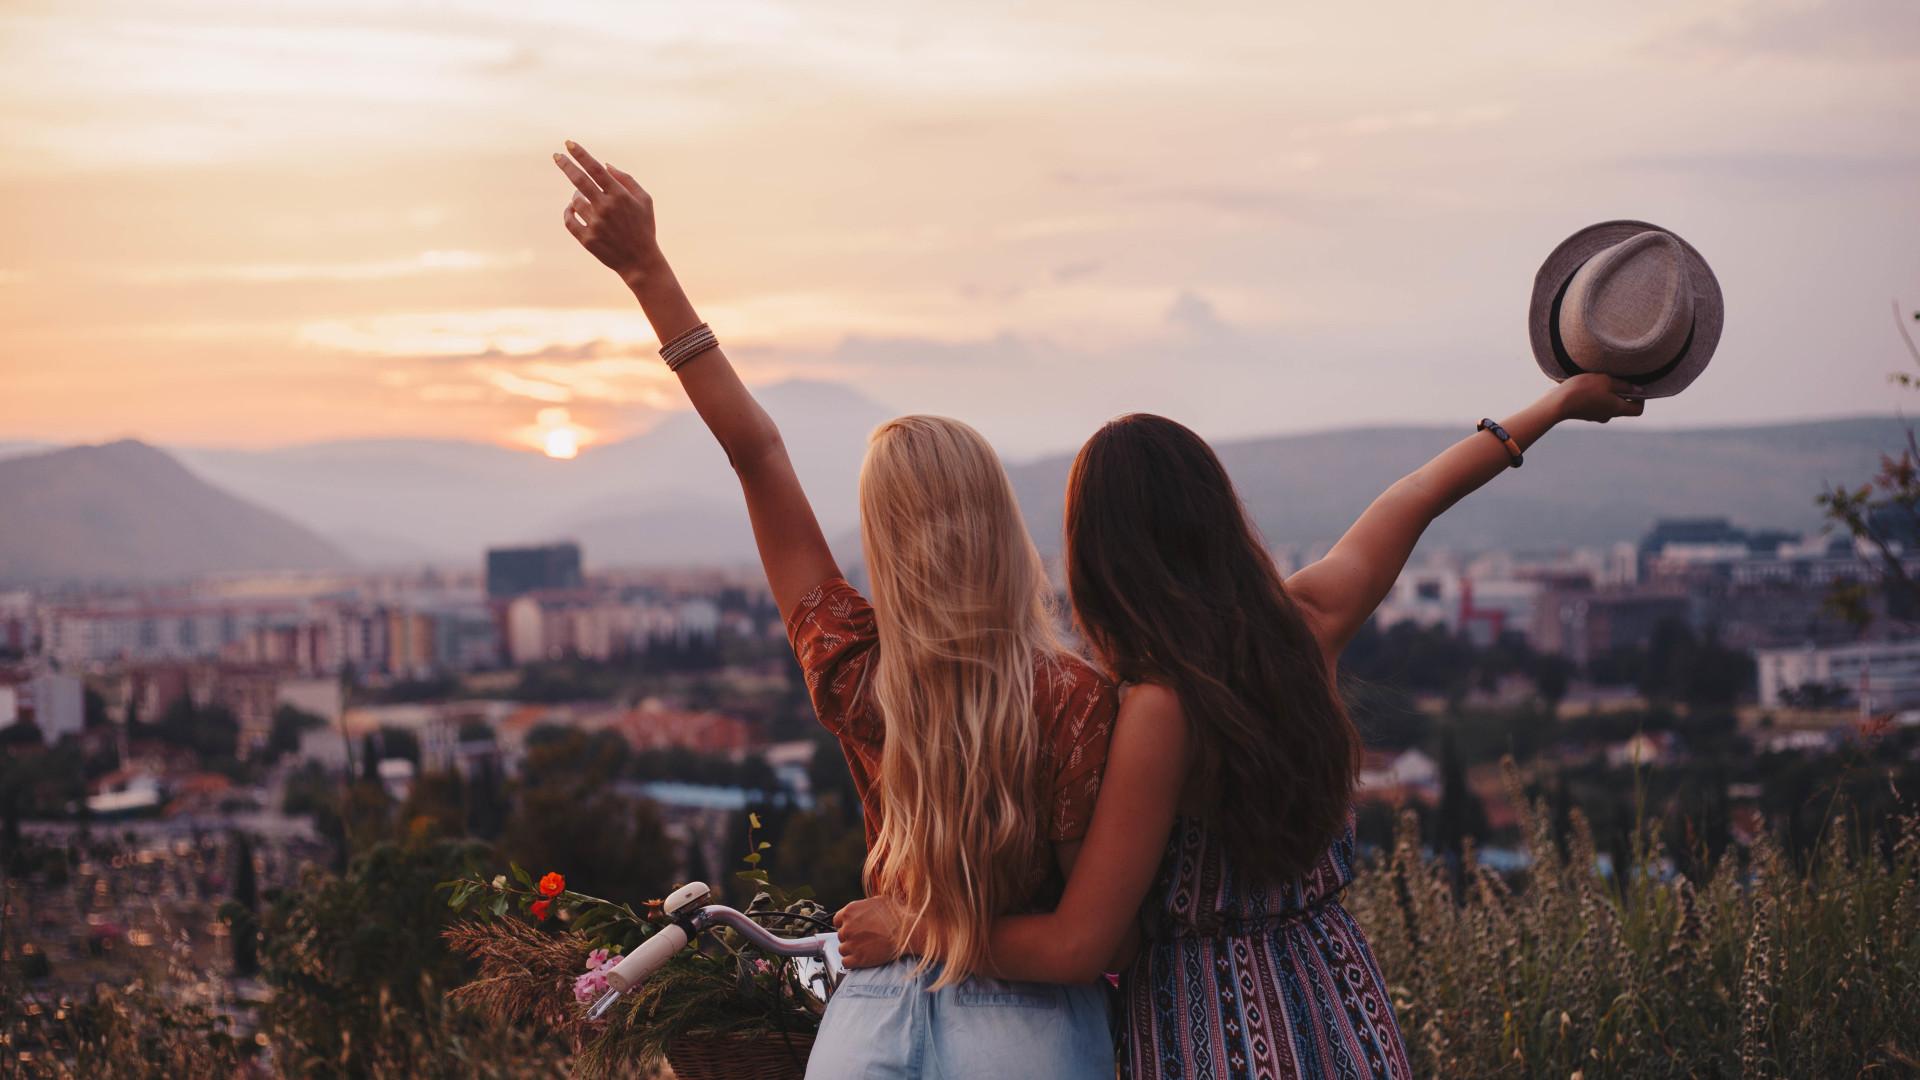 Dicas para conhecer locais enquanto viaja sozinho